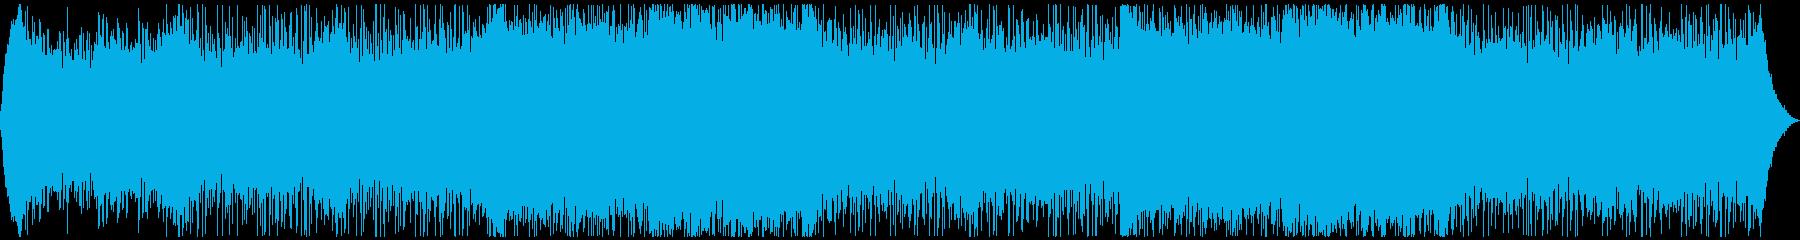 迫力シネマオーケストラ!告知映像・バトルの再生済みの波形